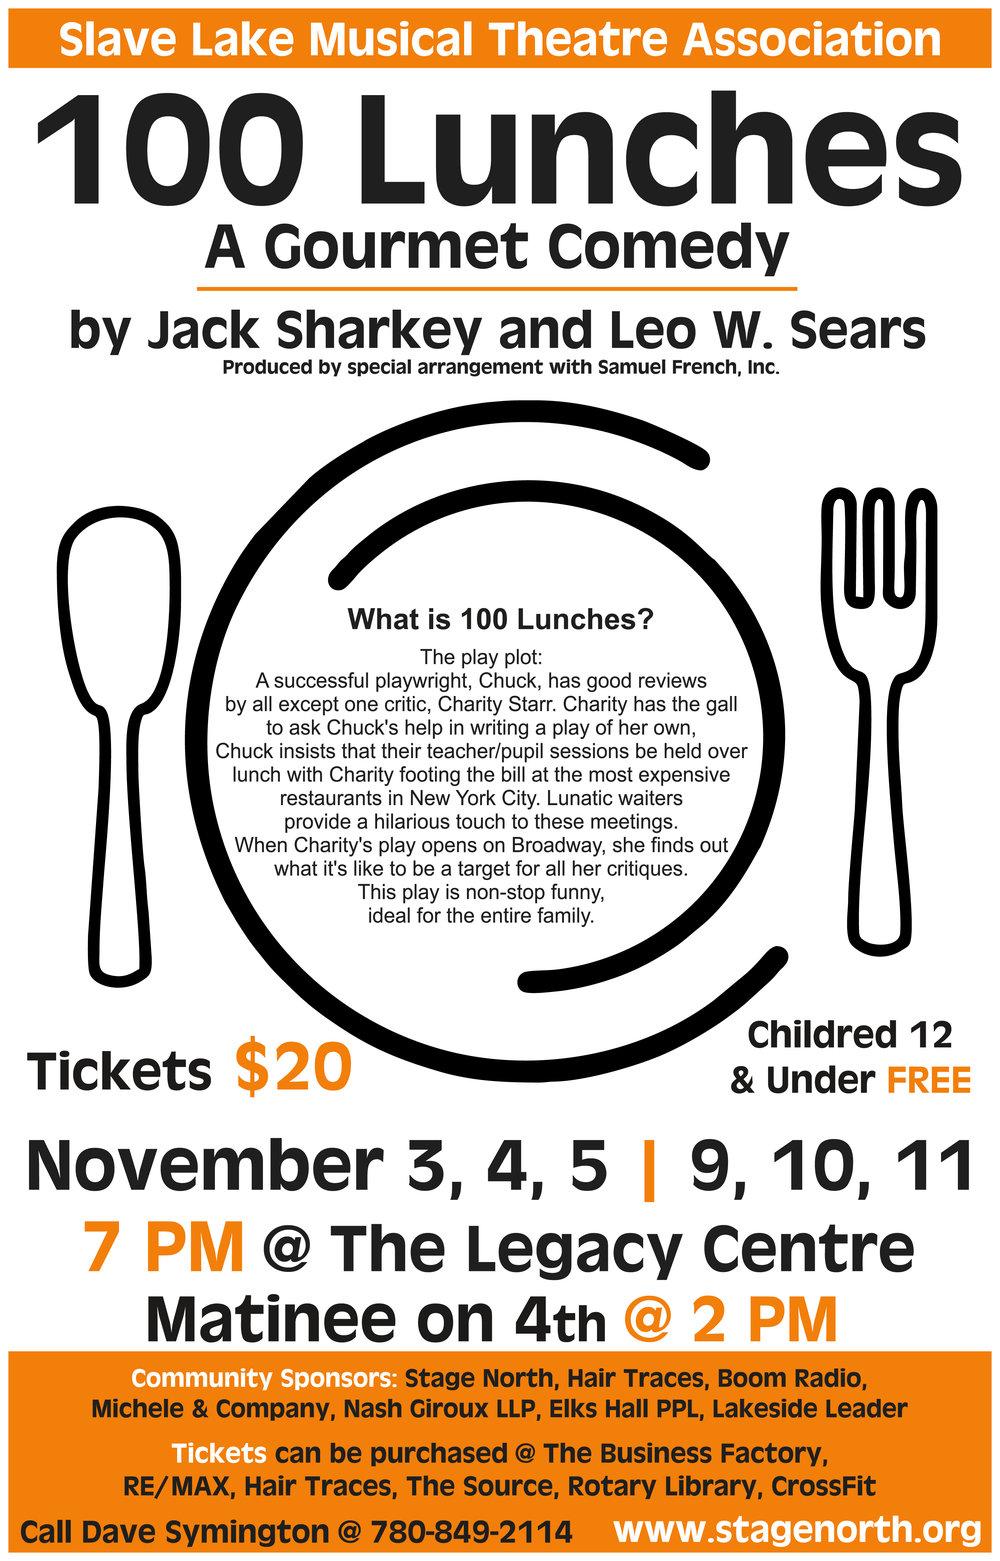 SLMTA 100 Lunches Poster.jpg